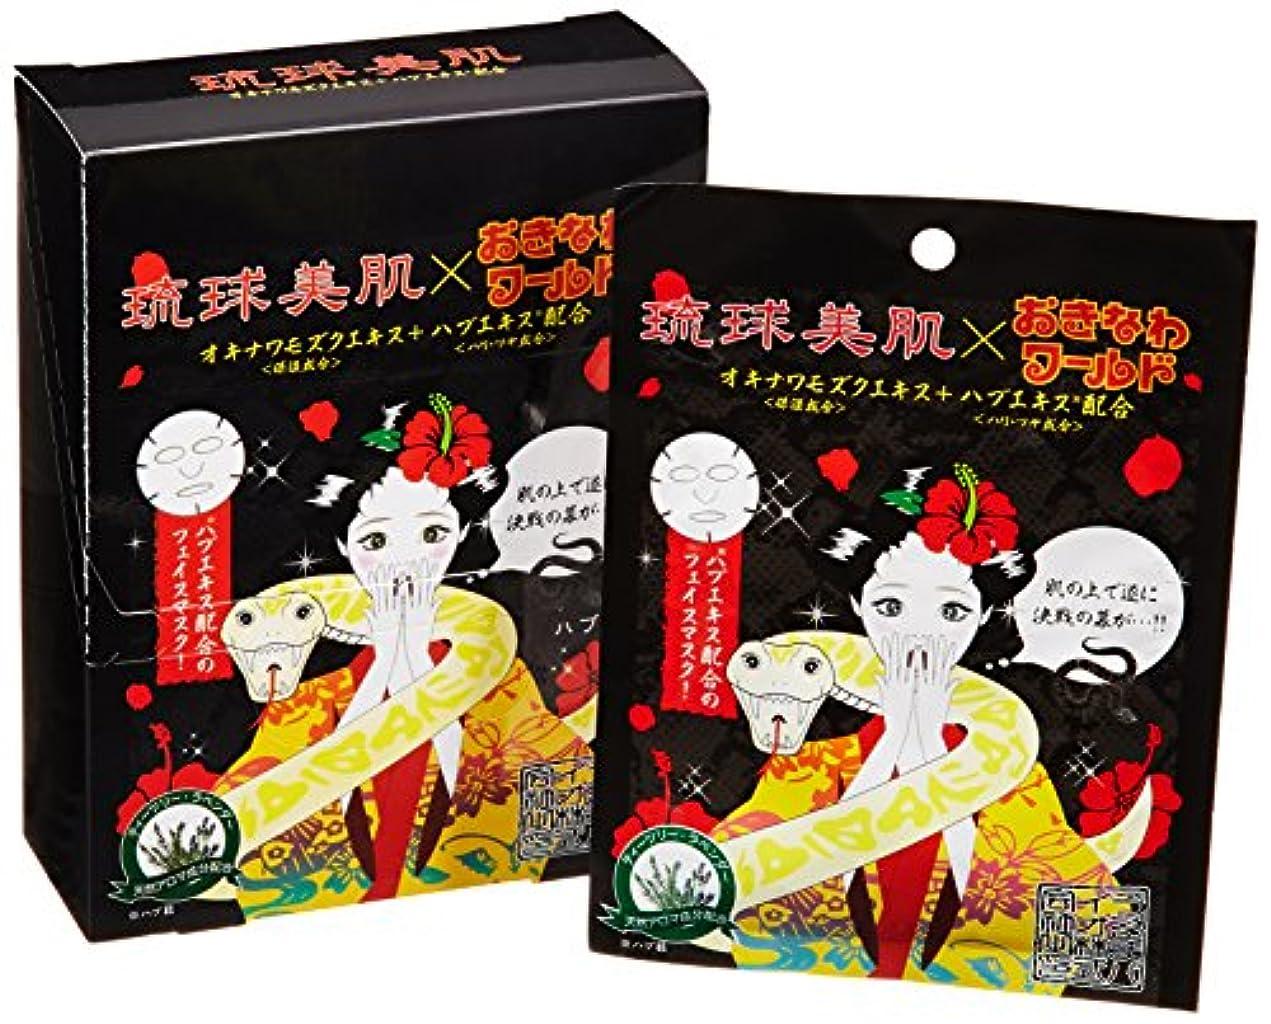 収入テザーペック琉球美肌 フェイスマスクシート(ハブ) 天然由来のティーツリー&ラベンダーの香り 10枚セット